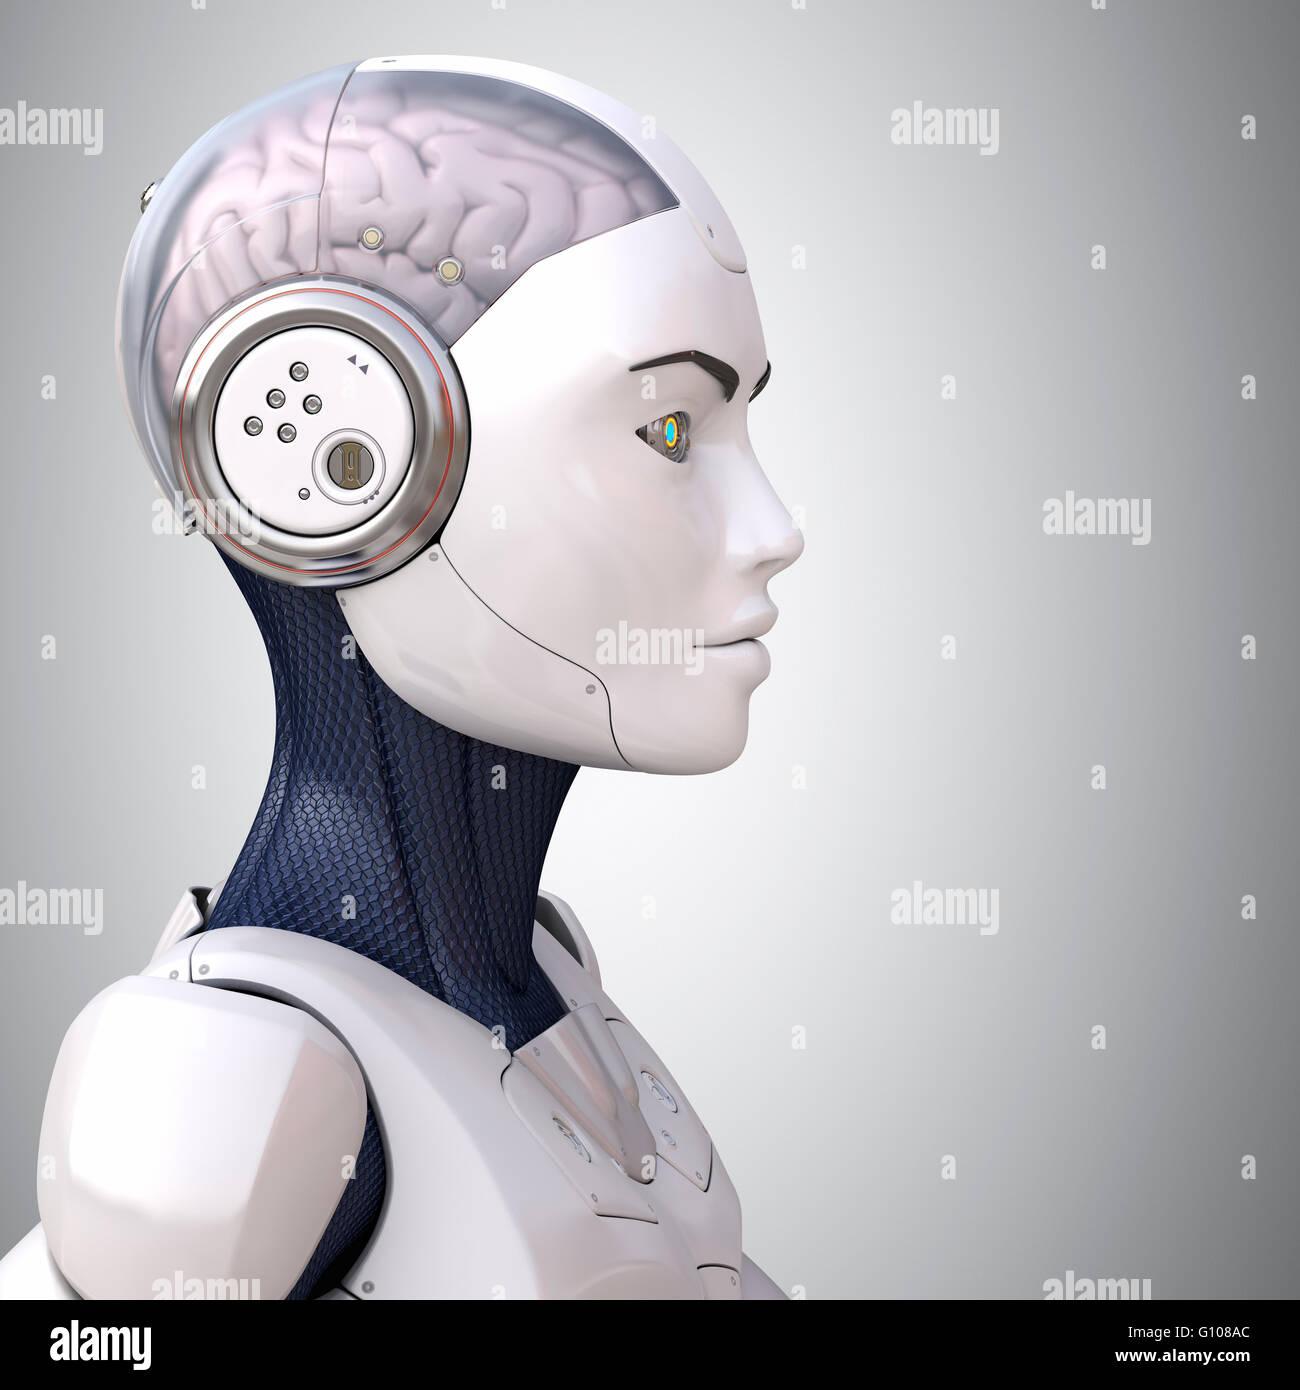 Roboterkopf im Profil Stockbild